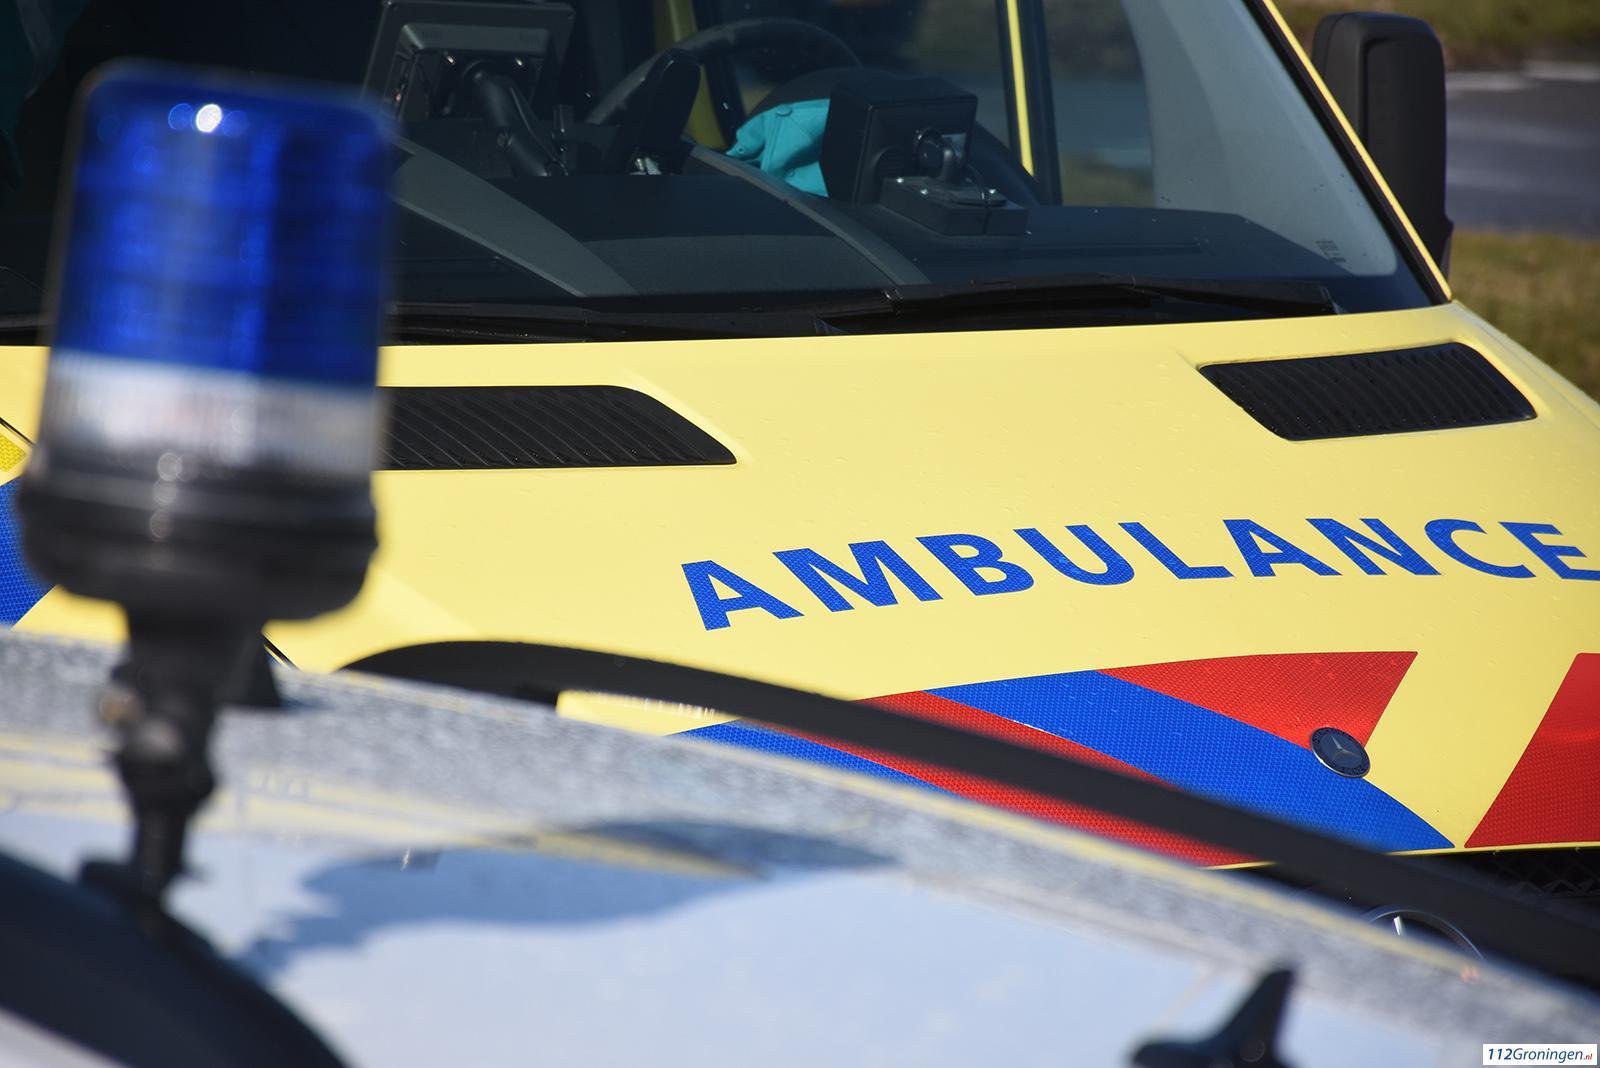 Voetganger aangereden op Overwinningsplein, automobilist aangehouden.